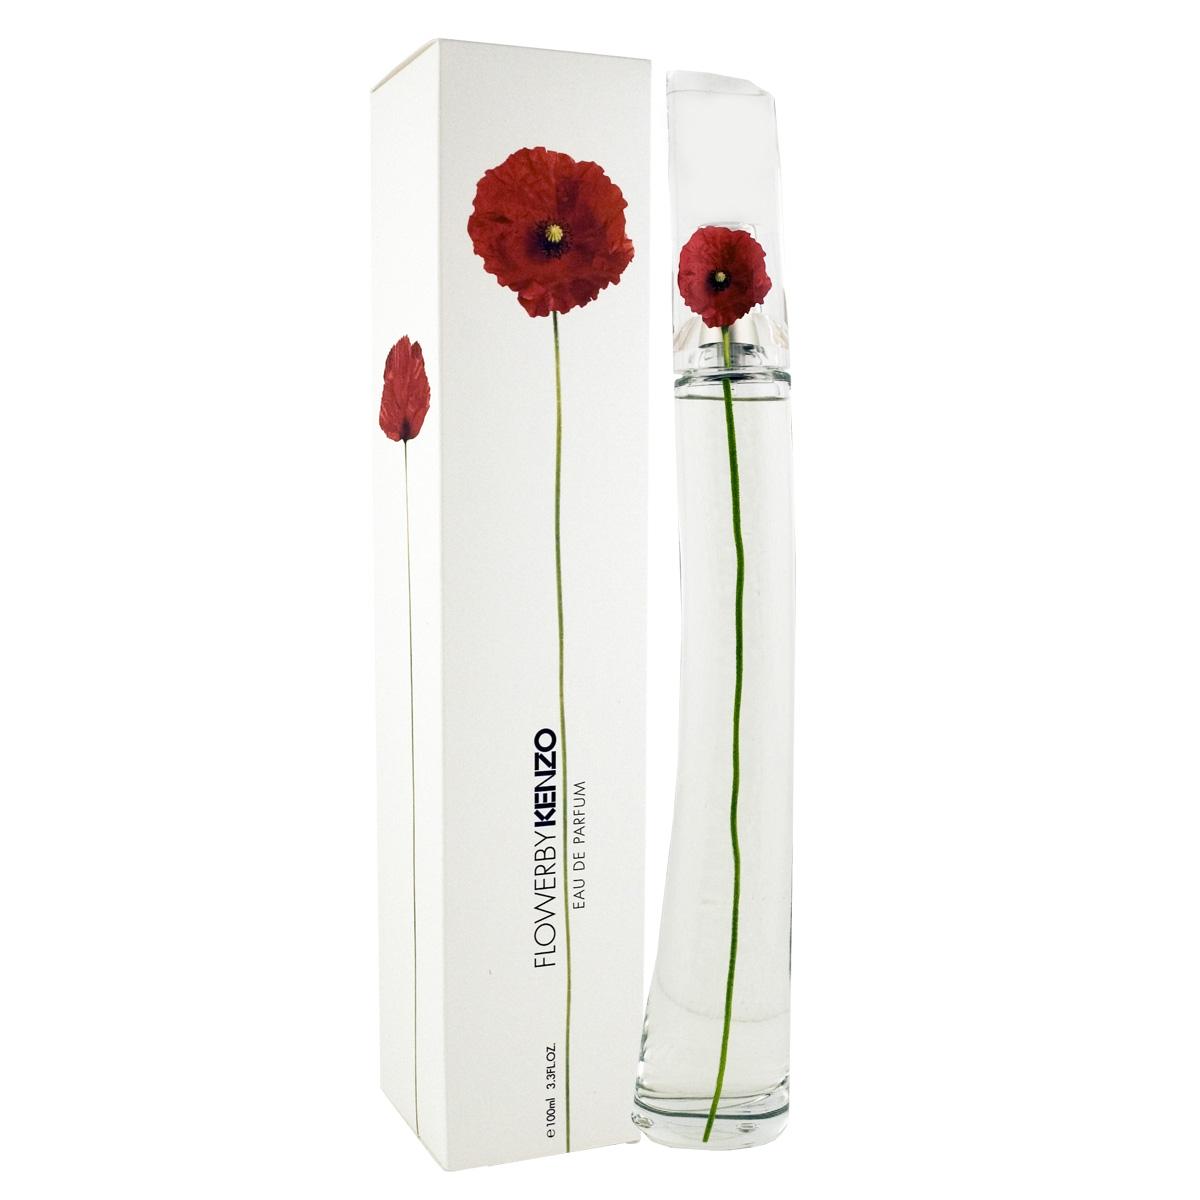 Kenzo Flower by Kenzo EDP plnitelný 50 ml W